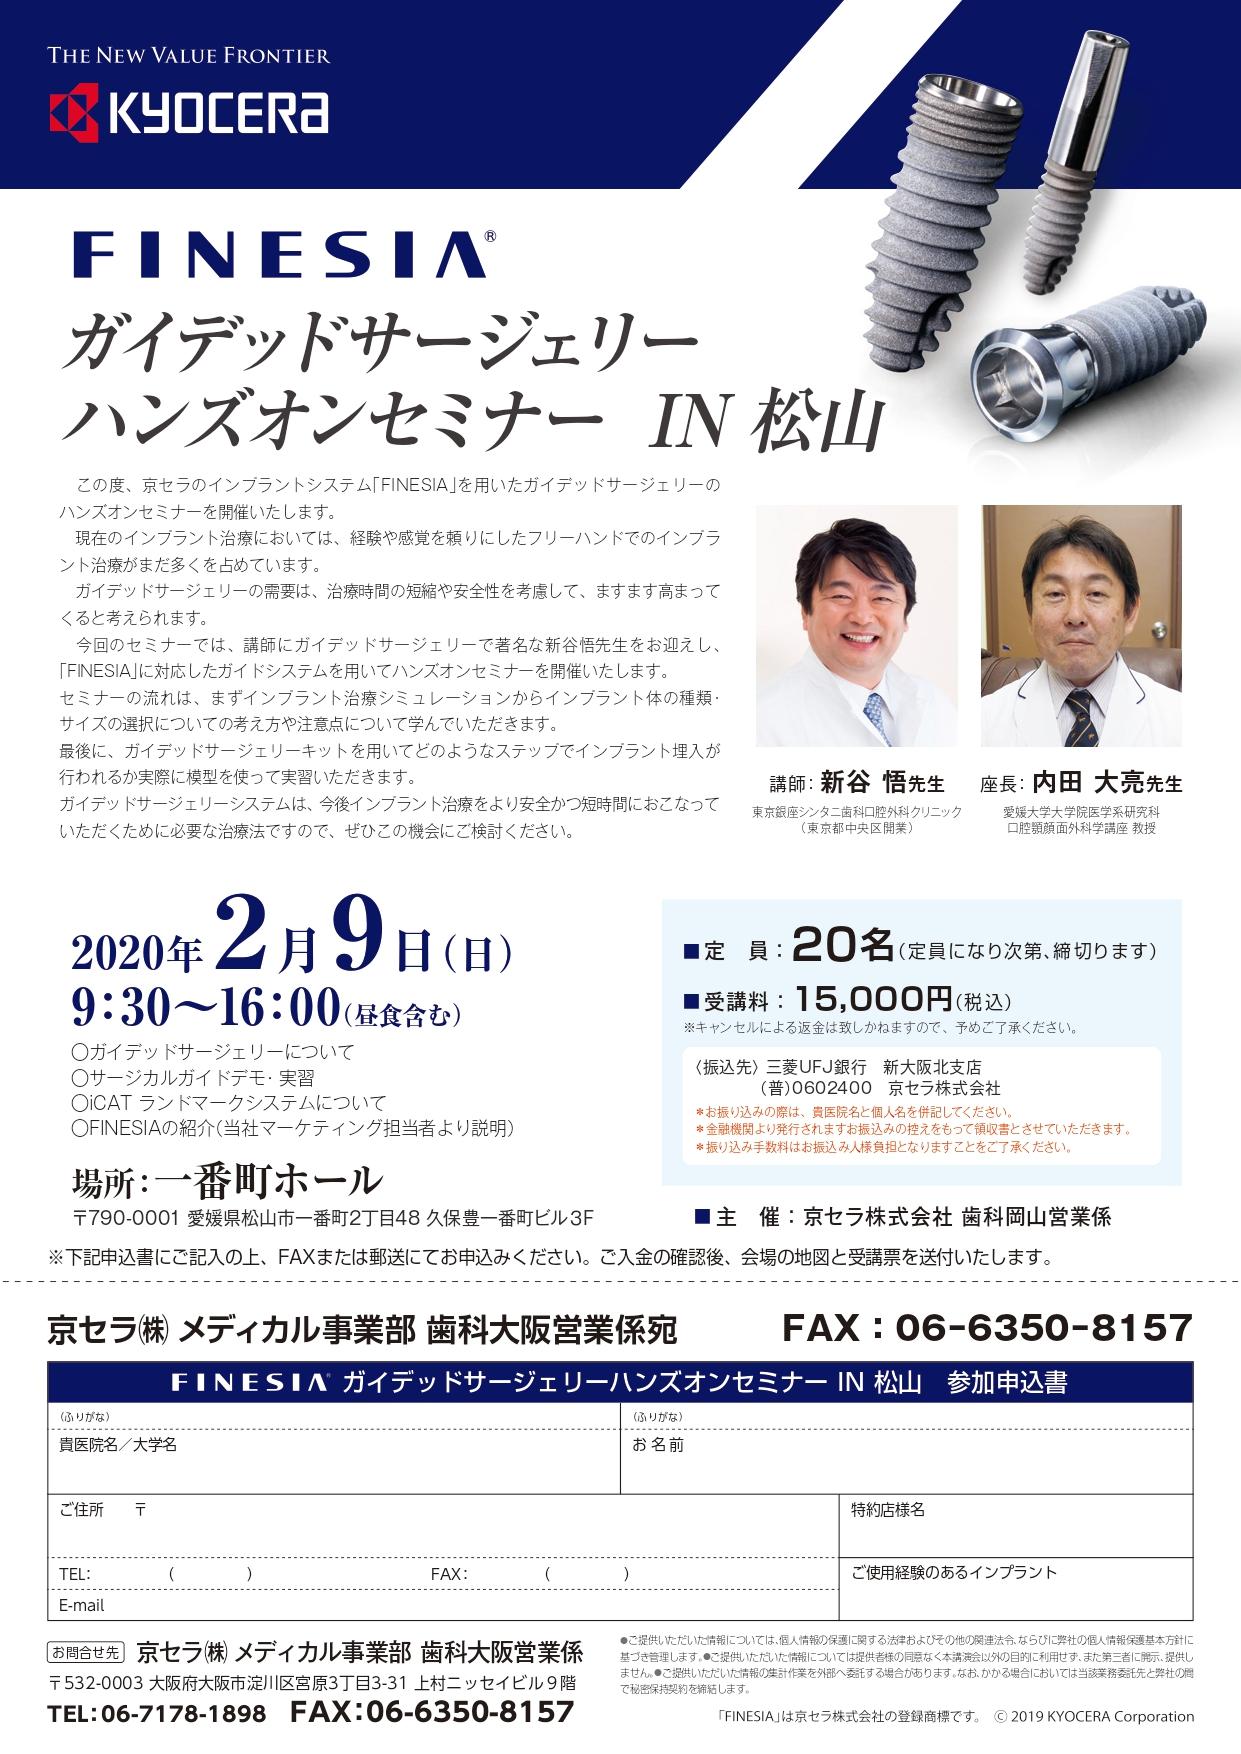 FINESIA ガイデットサージェリーハンズオンセミナー  IN 松山